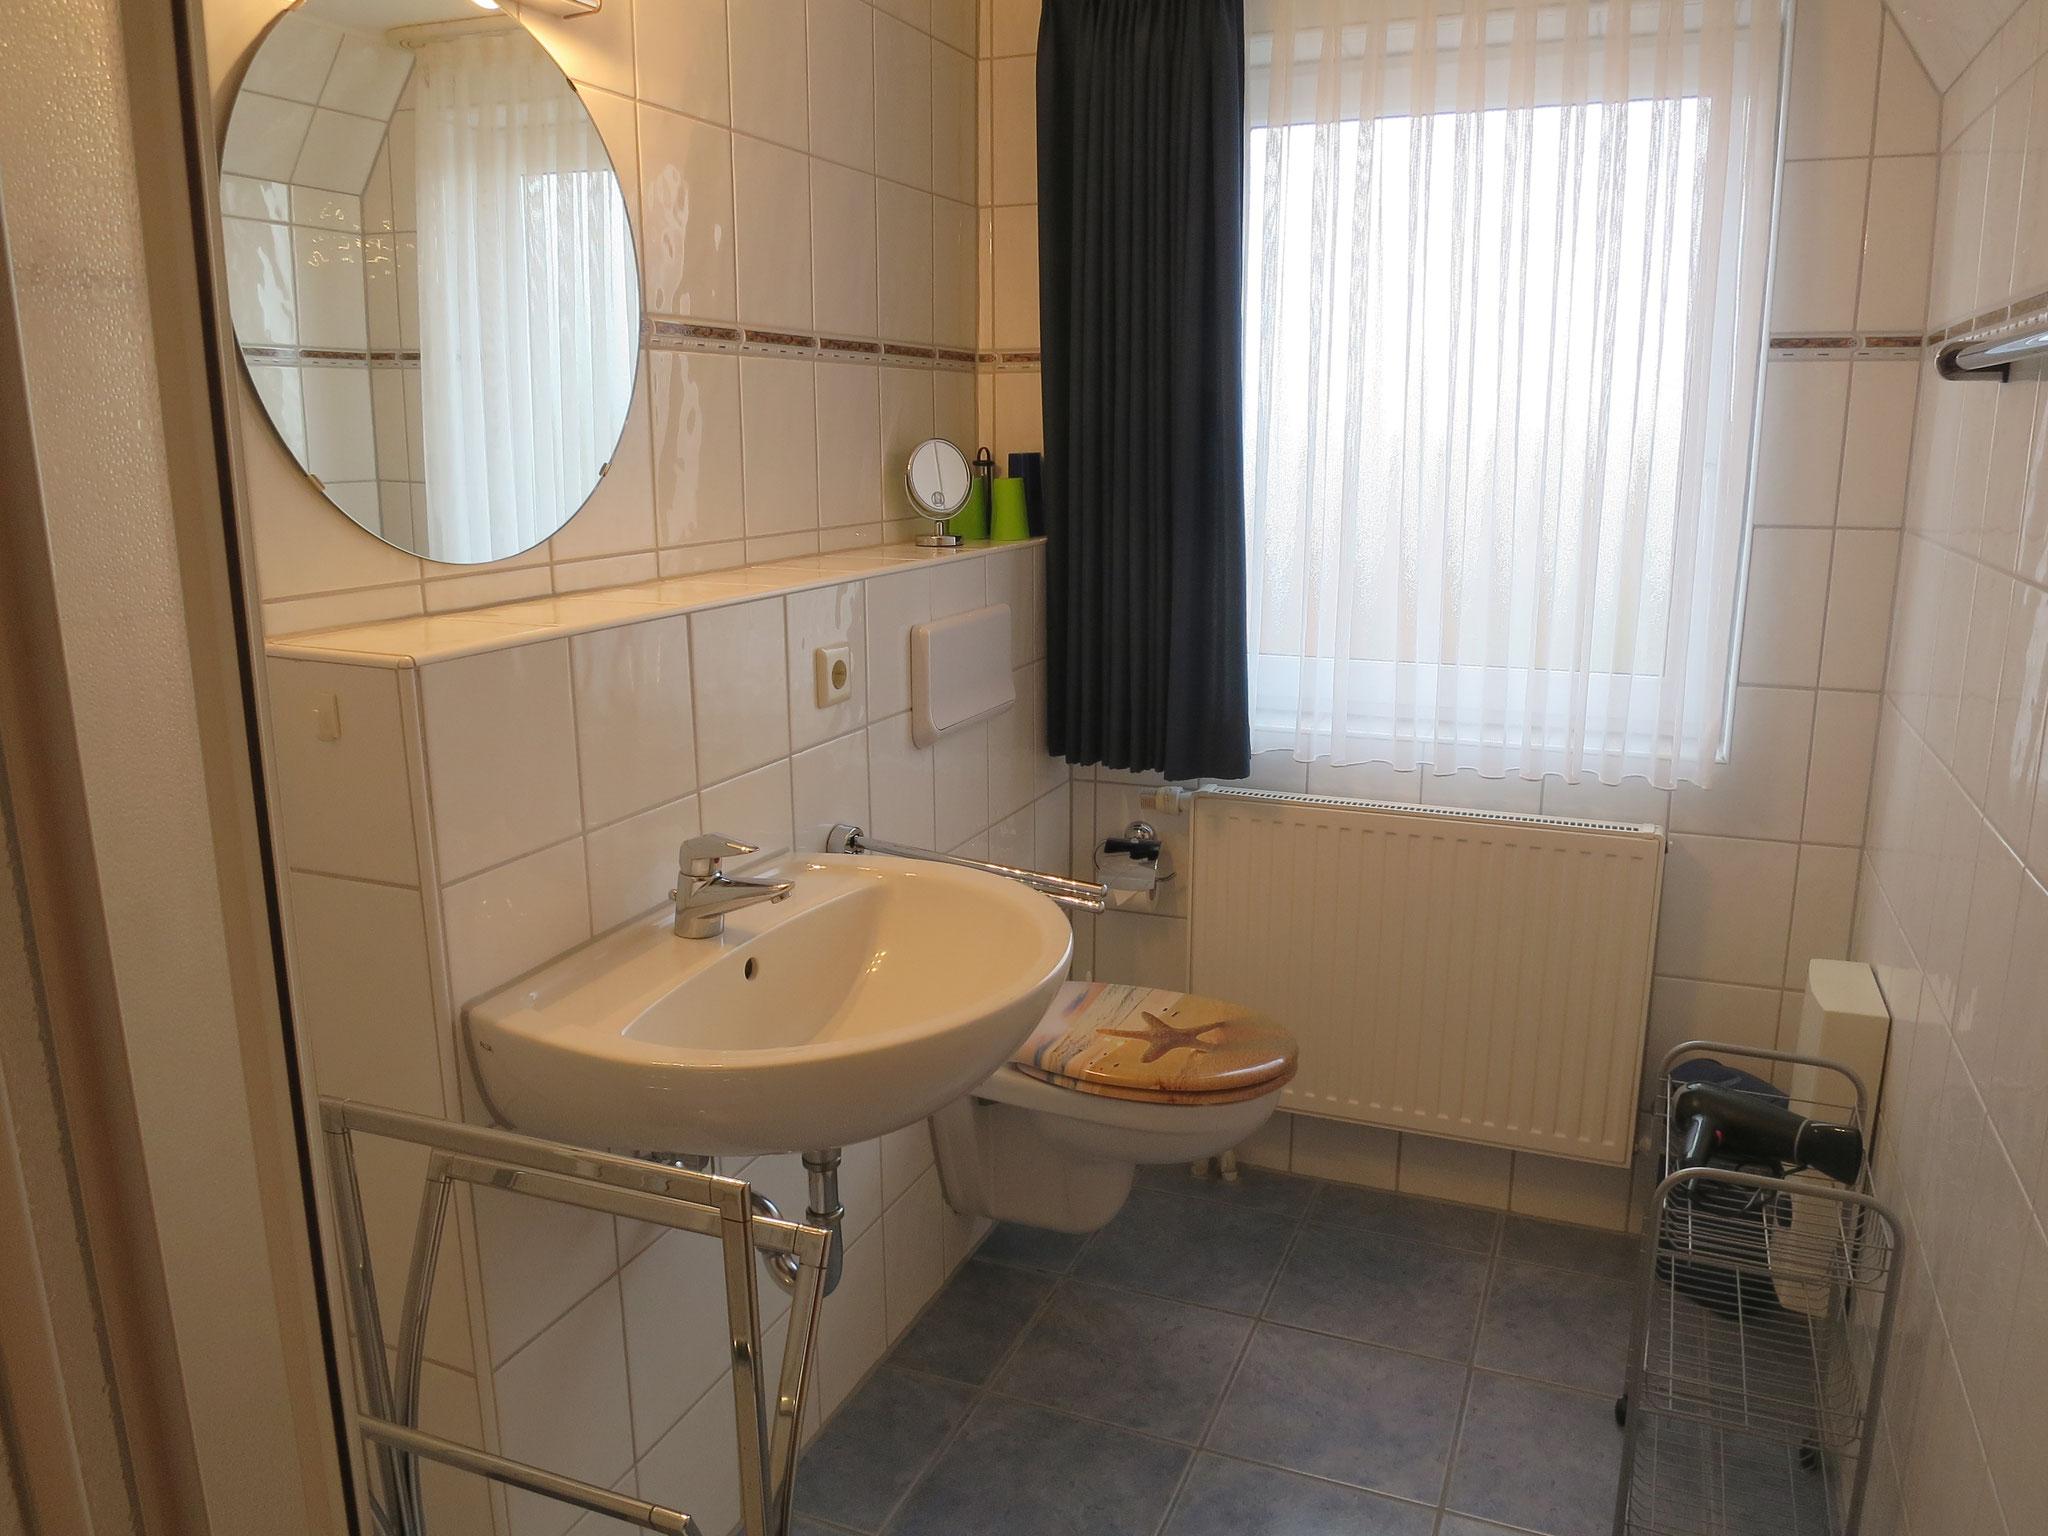 Bad mit WC und Dusche - Bad mitFenster